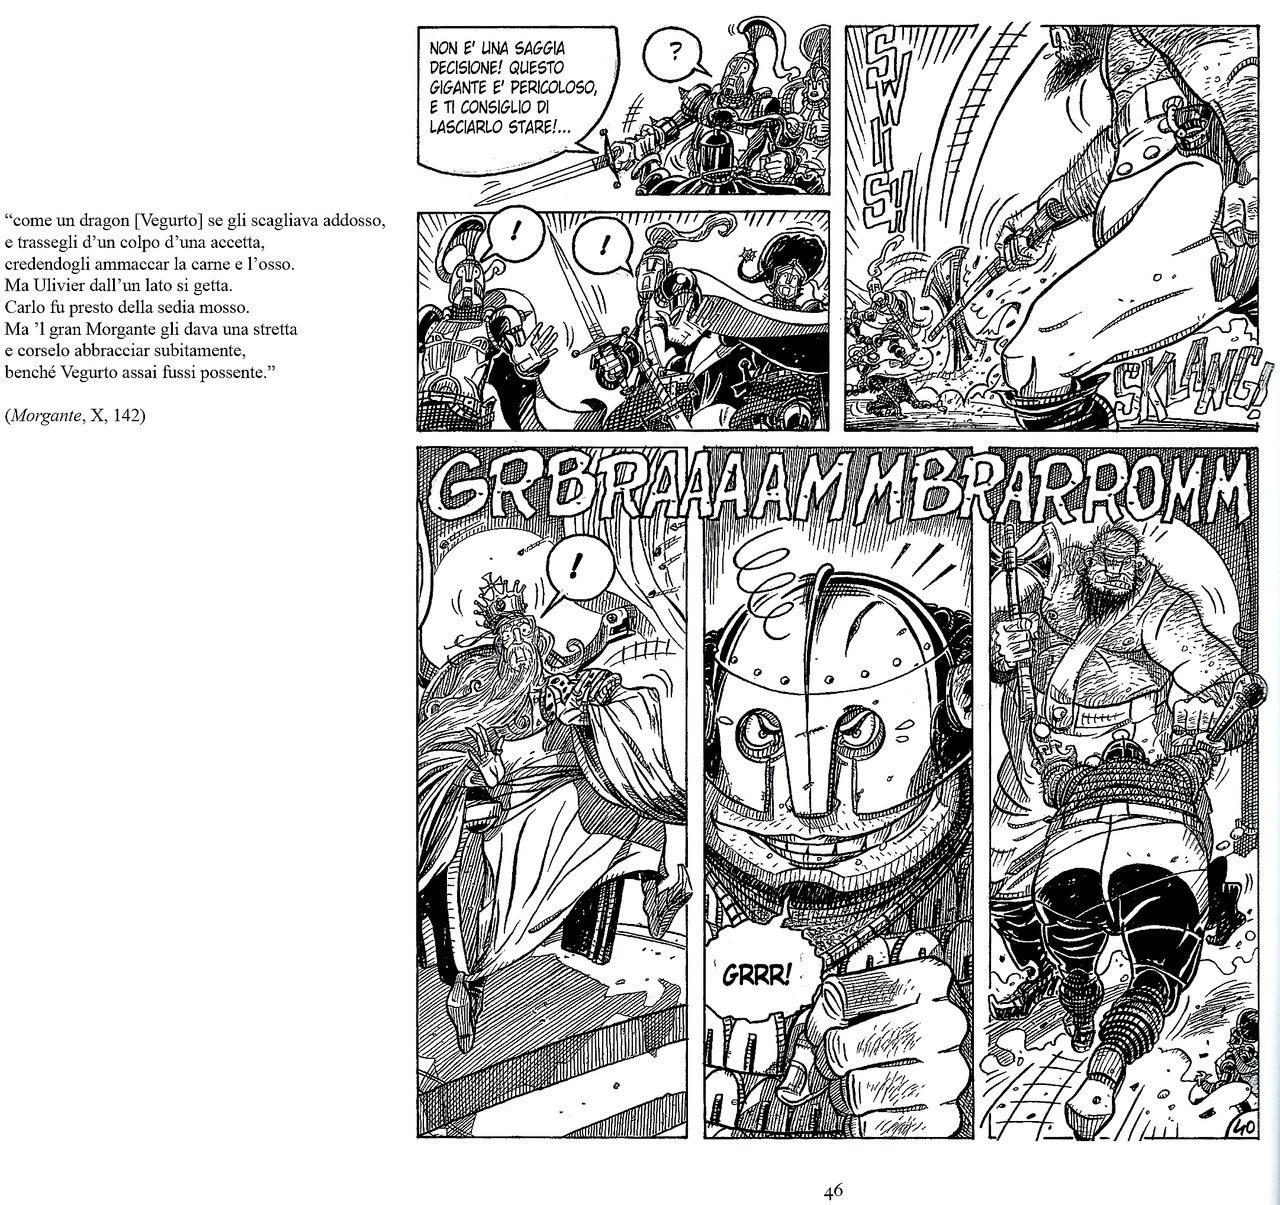 Mauro Cicarè,Il duello tra Morgante e Vegurto, matita e china su carta, 2012, tav. 40 [per gentile concessione dell'autore]